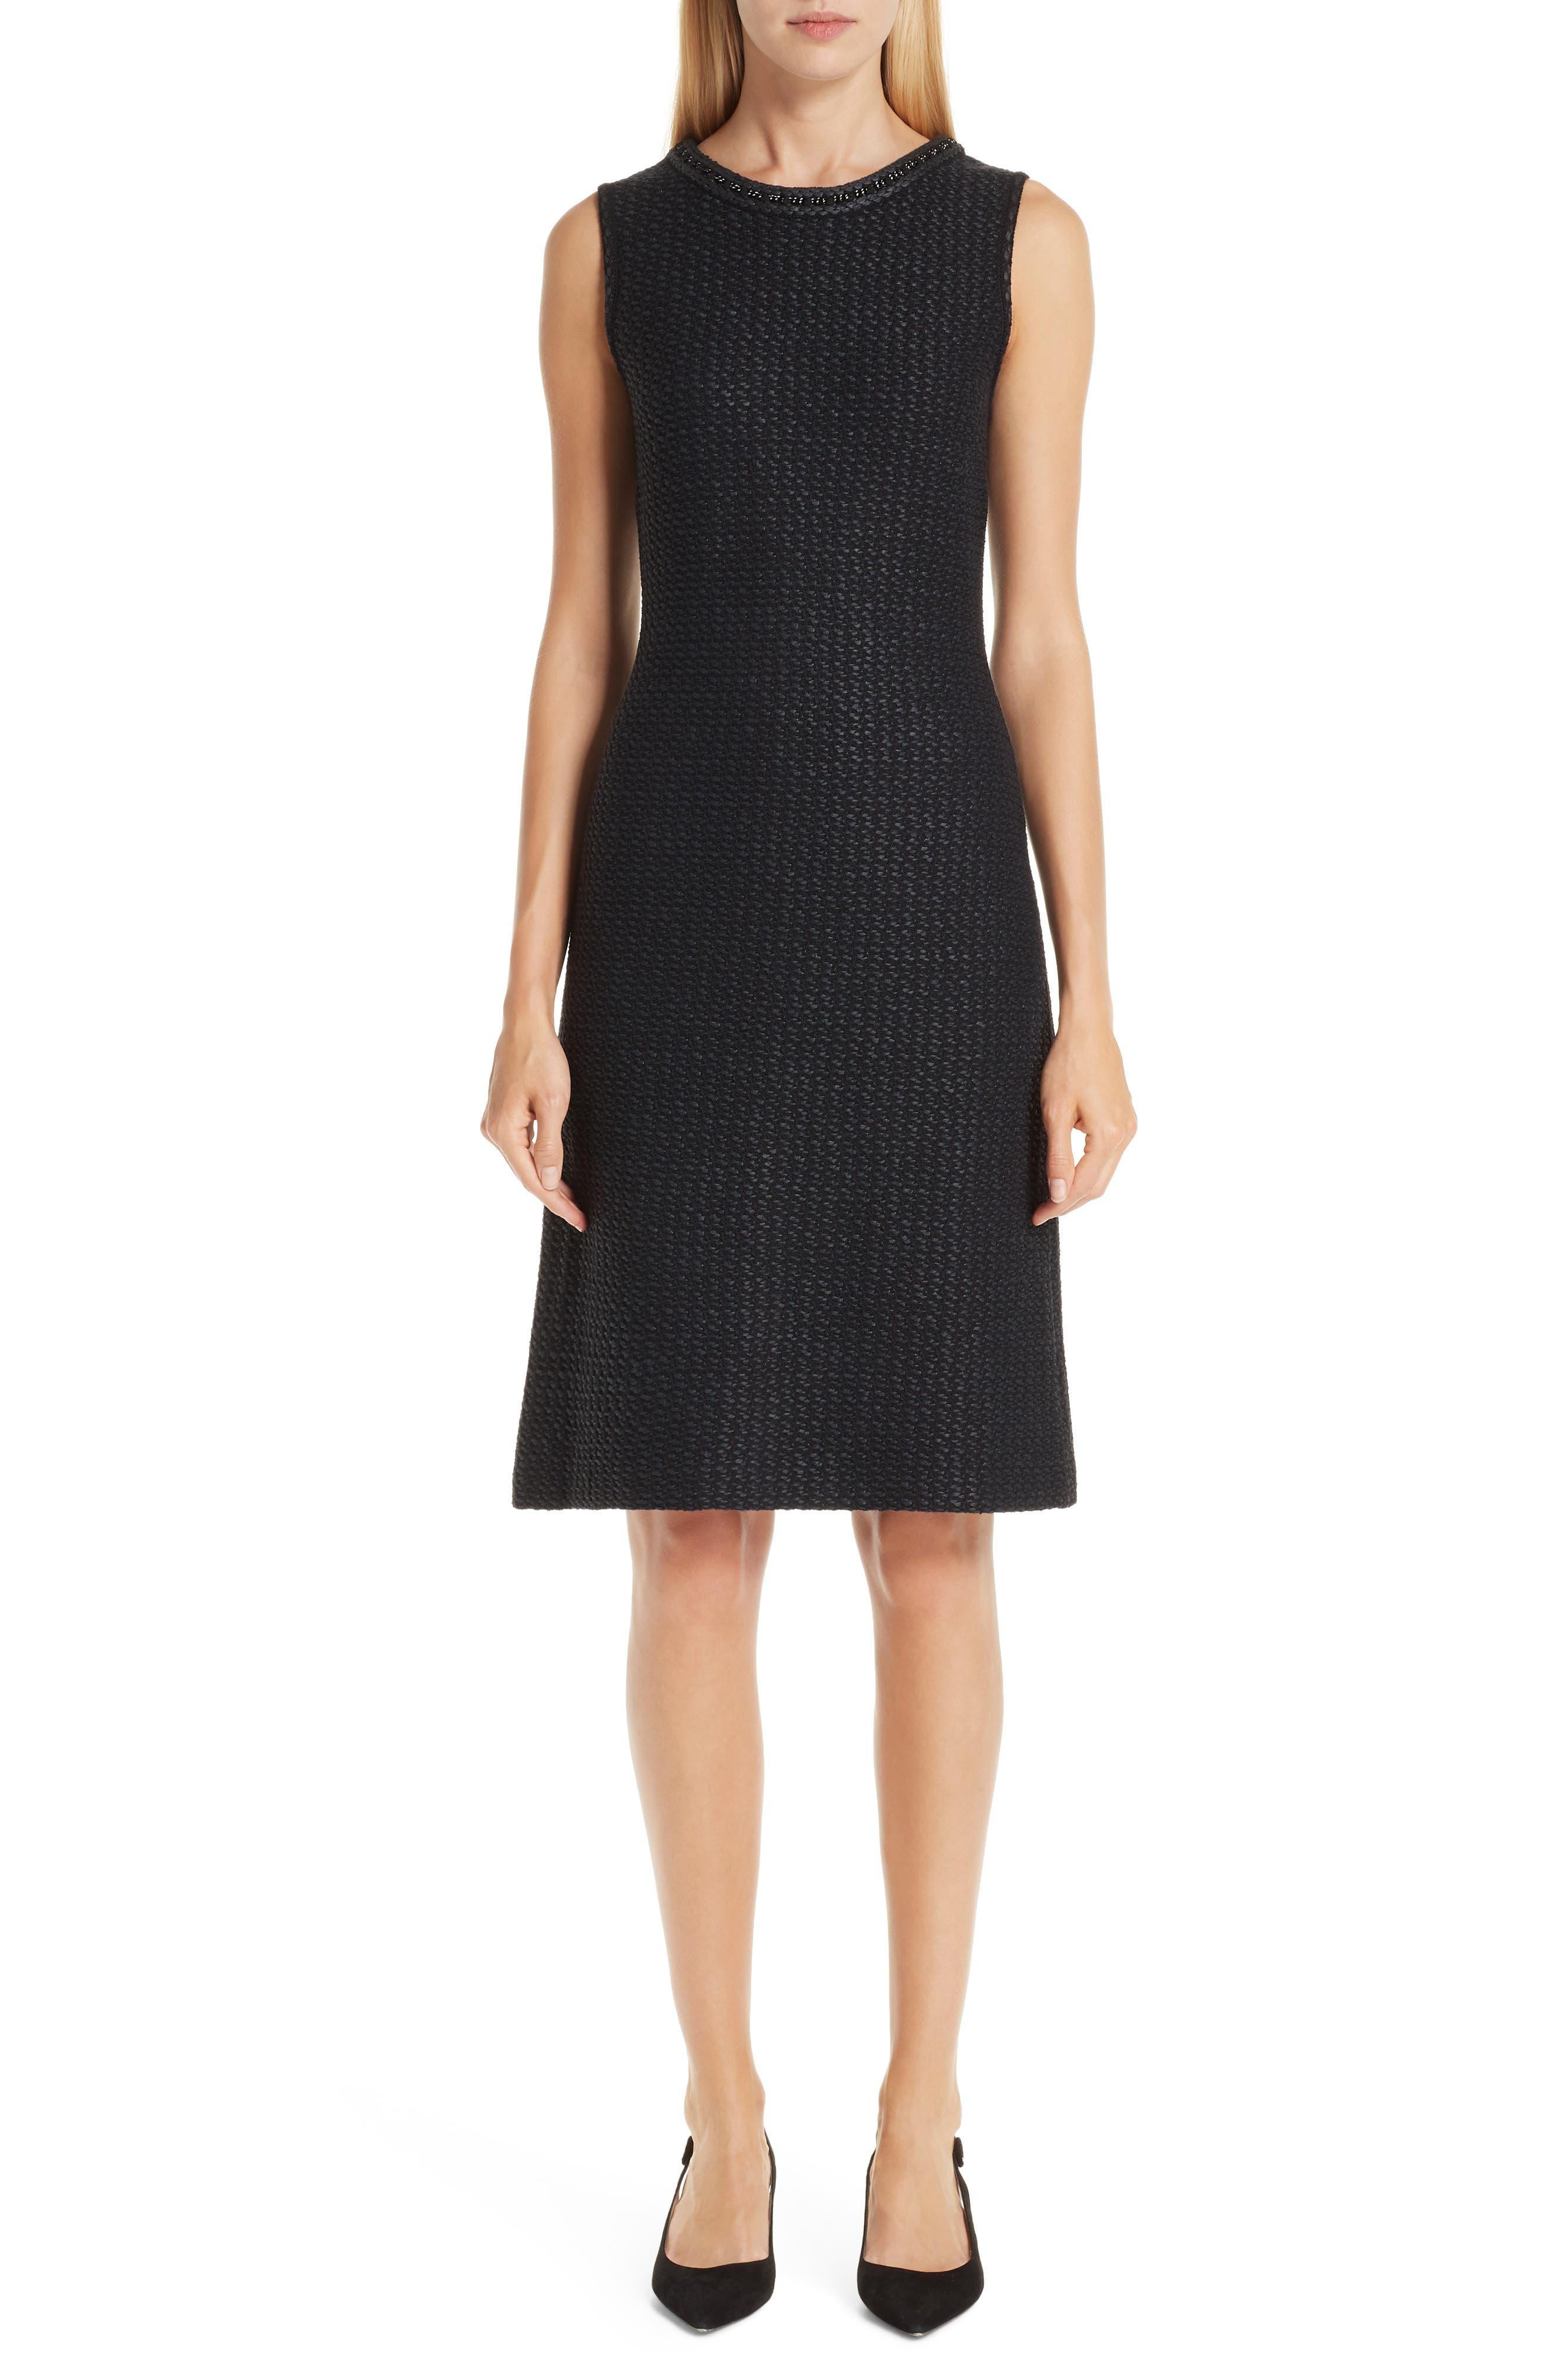 5fdde302fefc St. John Collection Dresses